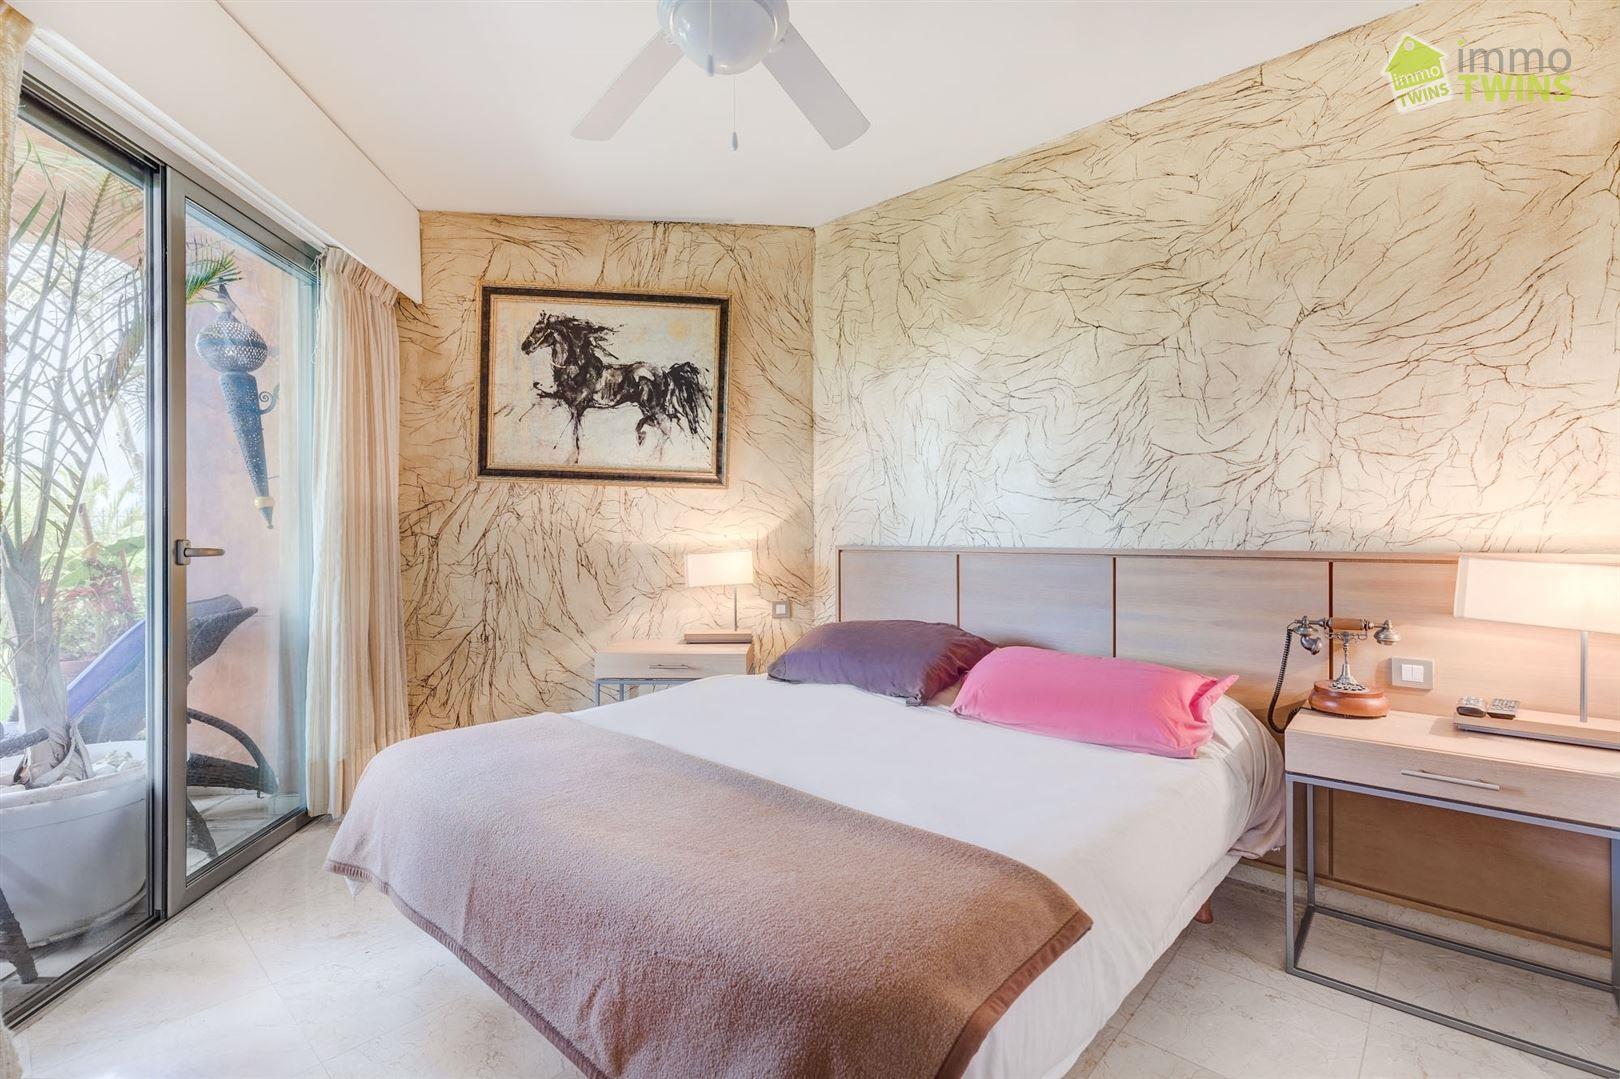 Foto 5 : Appartement te 38632 PALM MAR (Spanje) - Prijs € 440.000